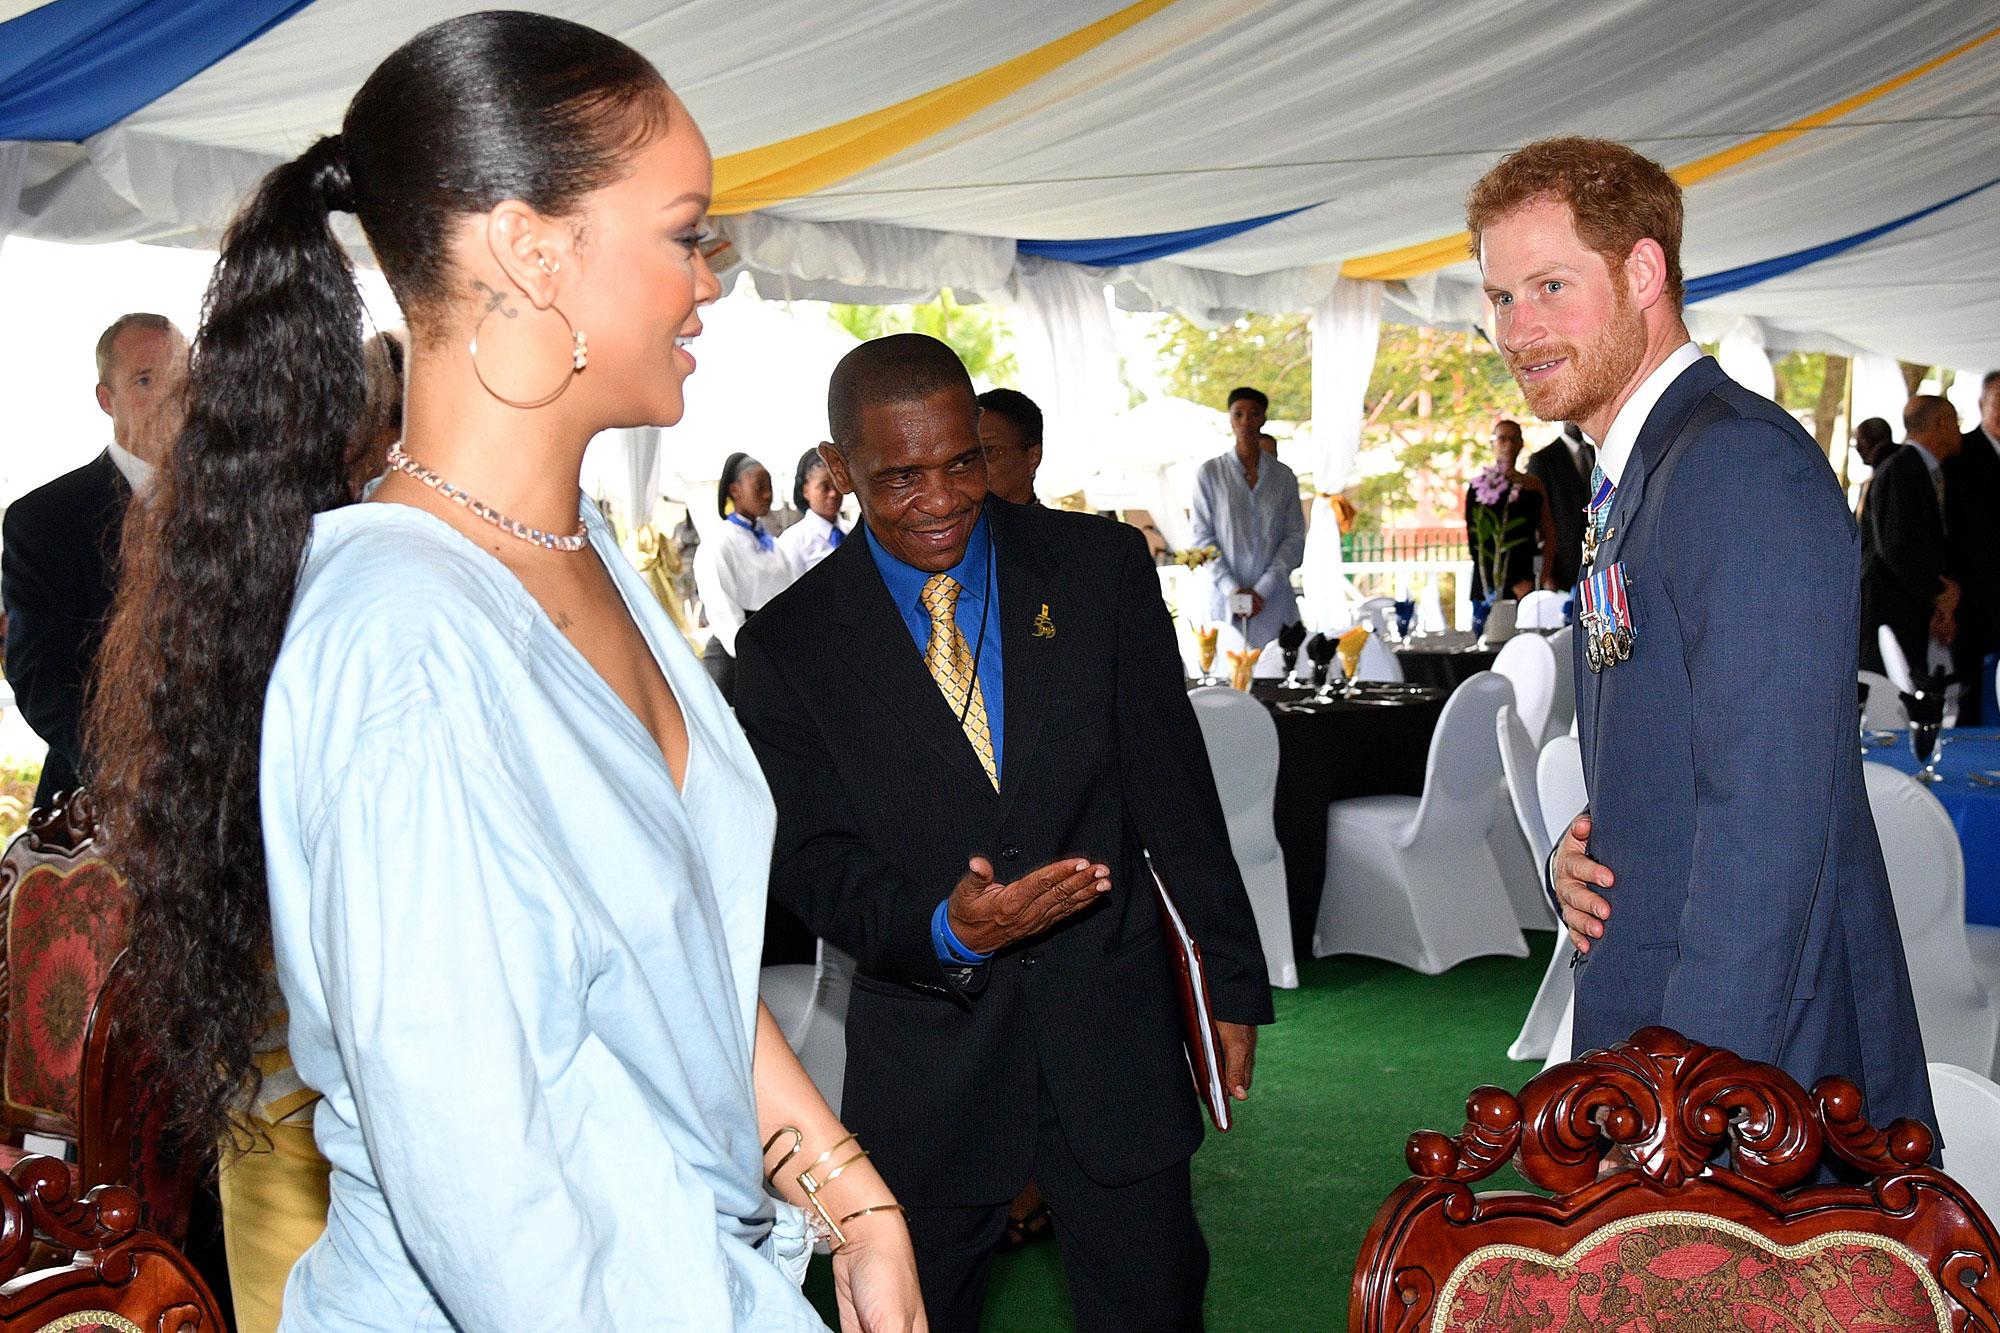 Rihanna: Η αποστομωτική της απάντηση στην ερώτηση αν θα παρευρεθεί στον γάμο του πρίγκιπα Harry και της Meghan Markle! Video | tlife.gr